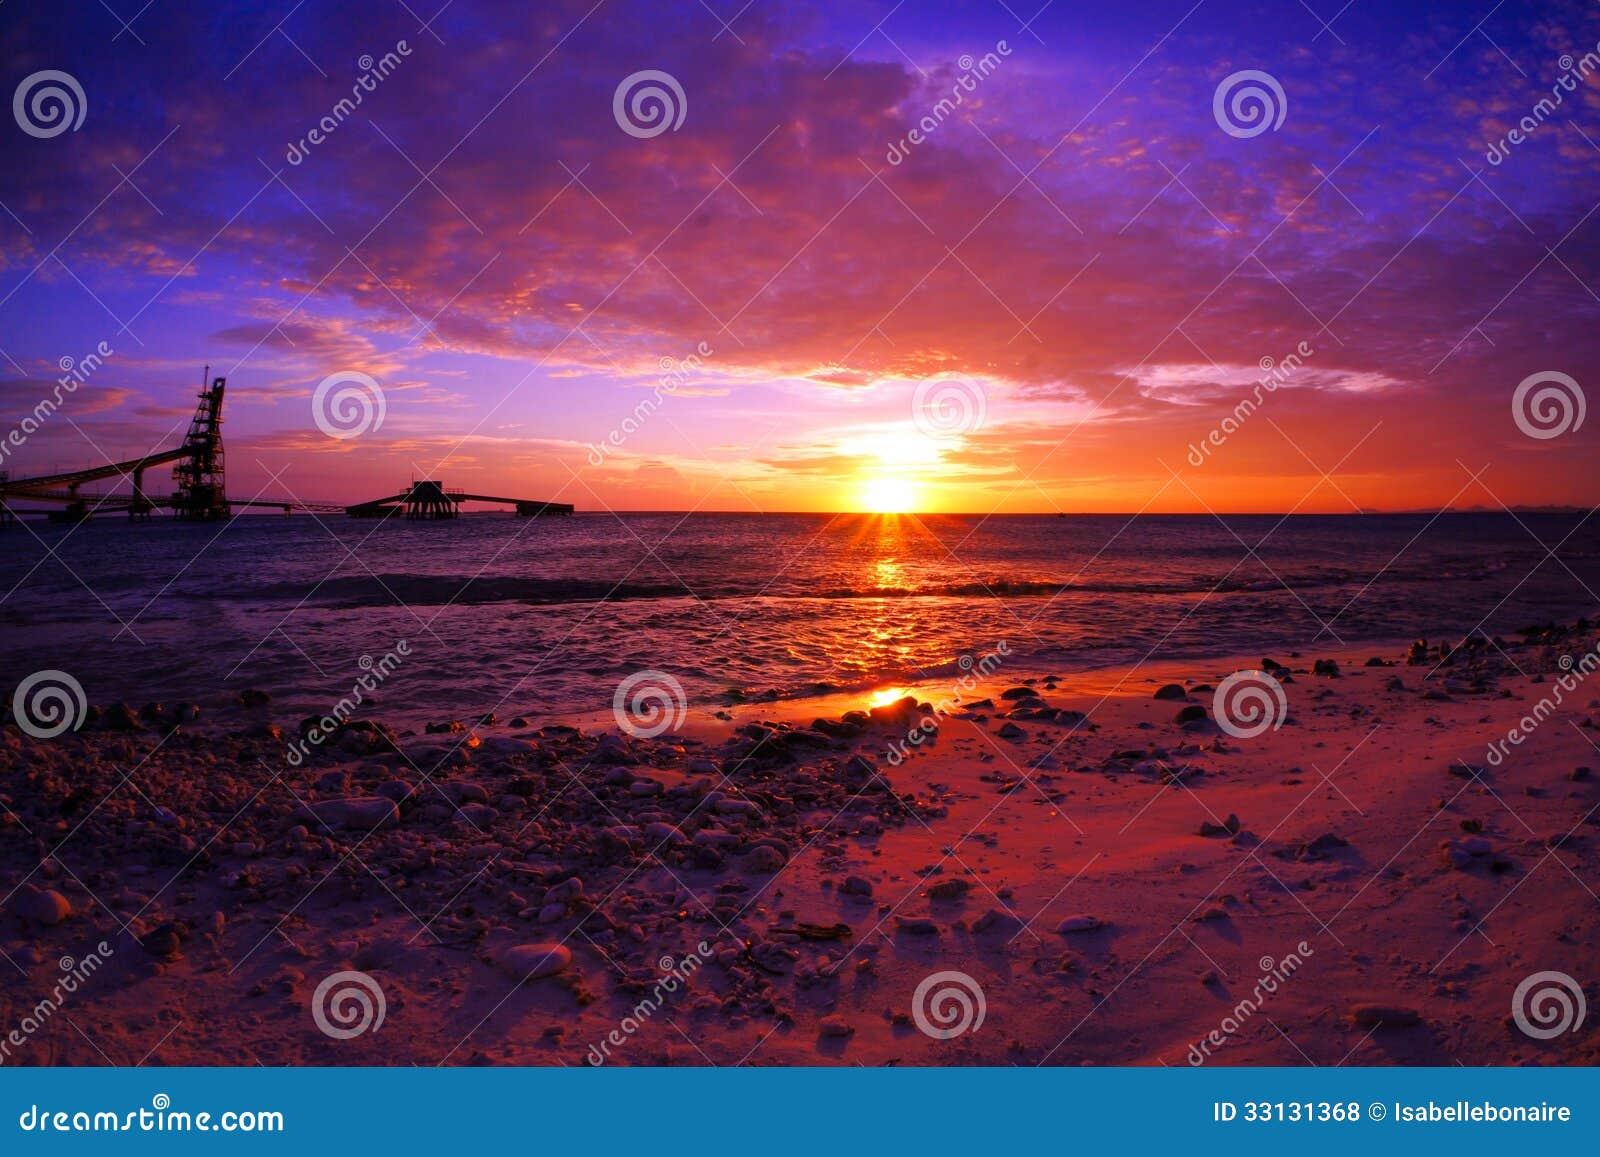 Puesta del sol escénica dramática